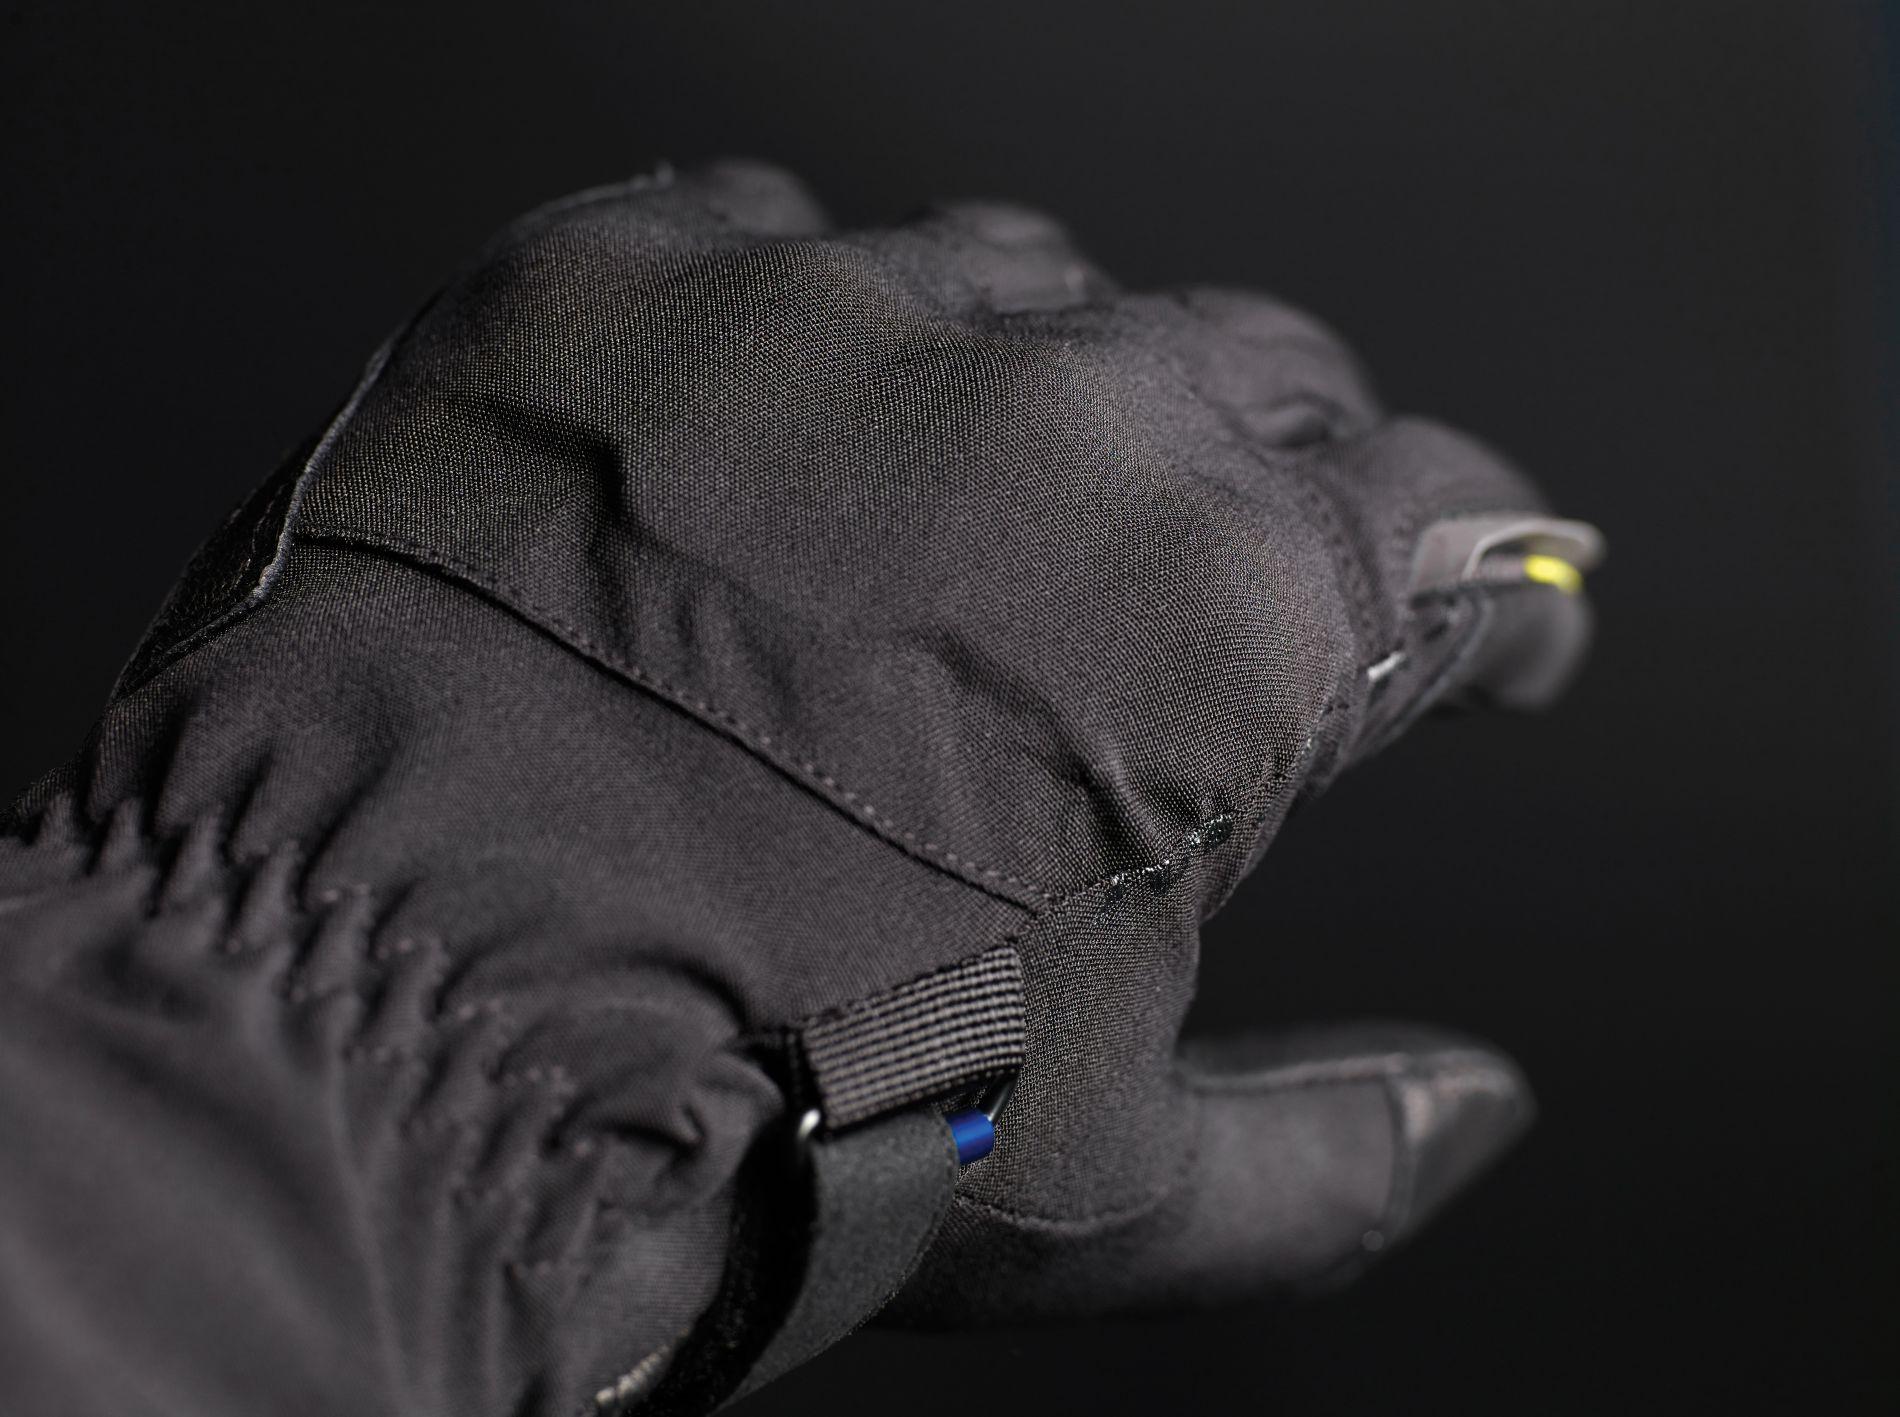 Spec foam knuckle